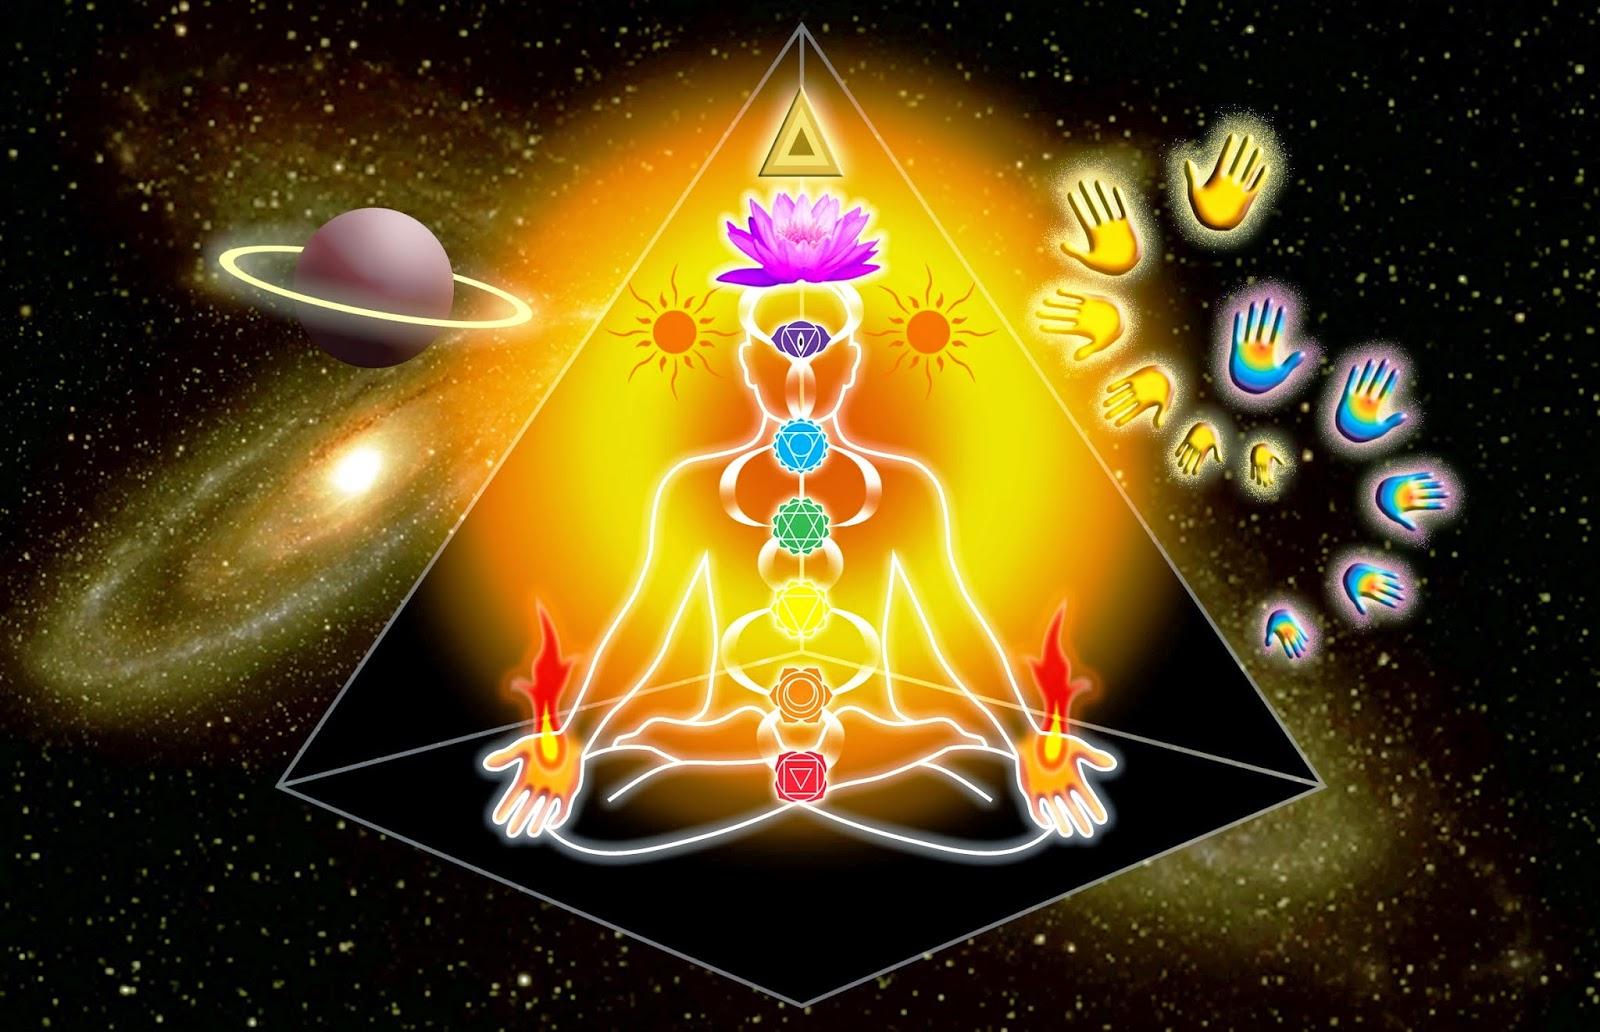 МИСЛОВНАТА СИЛА (7): Съзнание има там, където има предмет, на който да бъде отвръщано